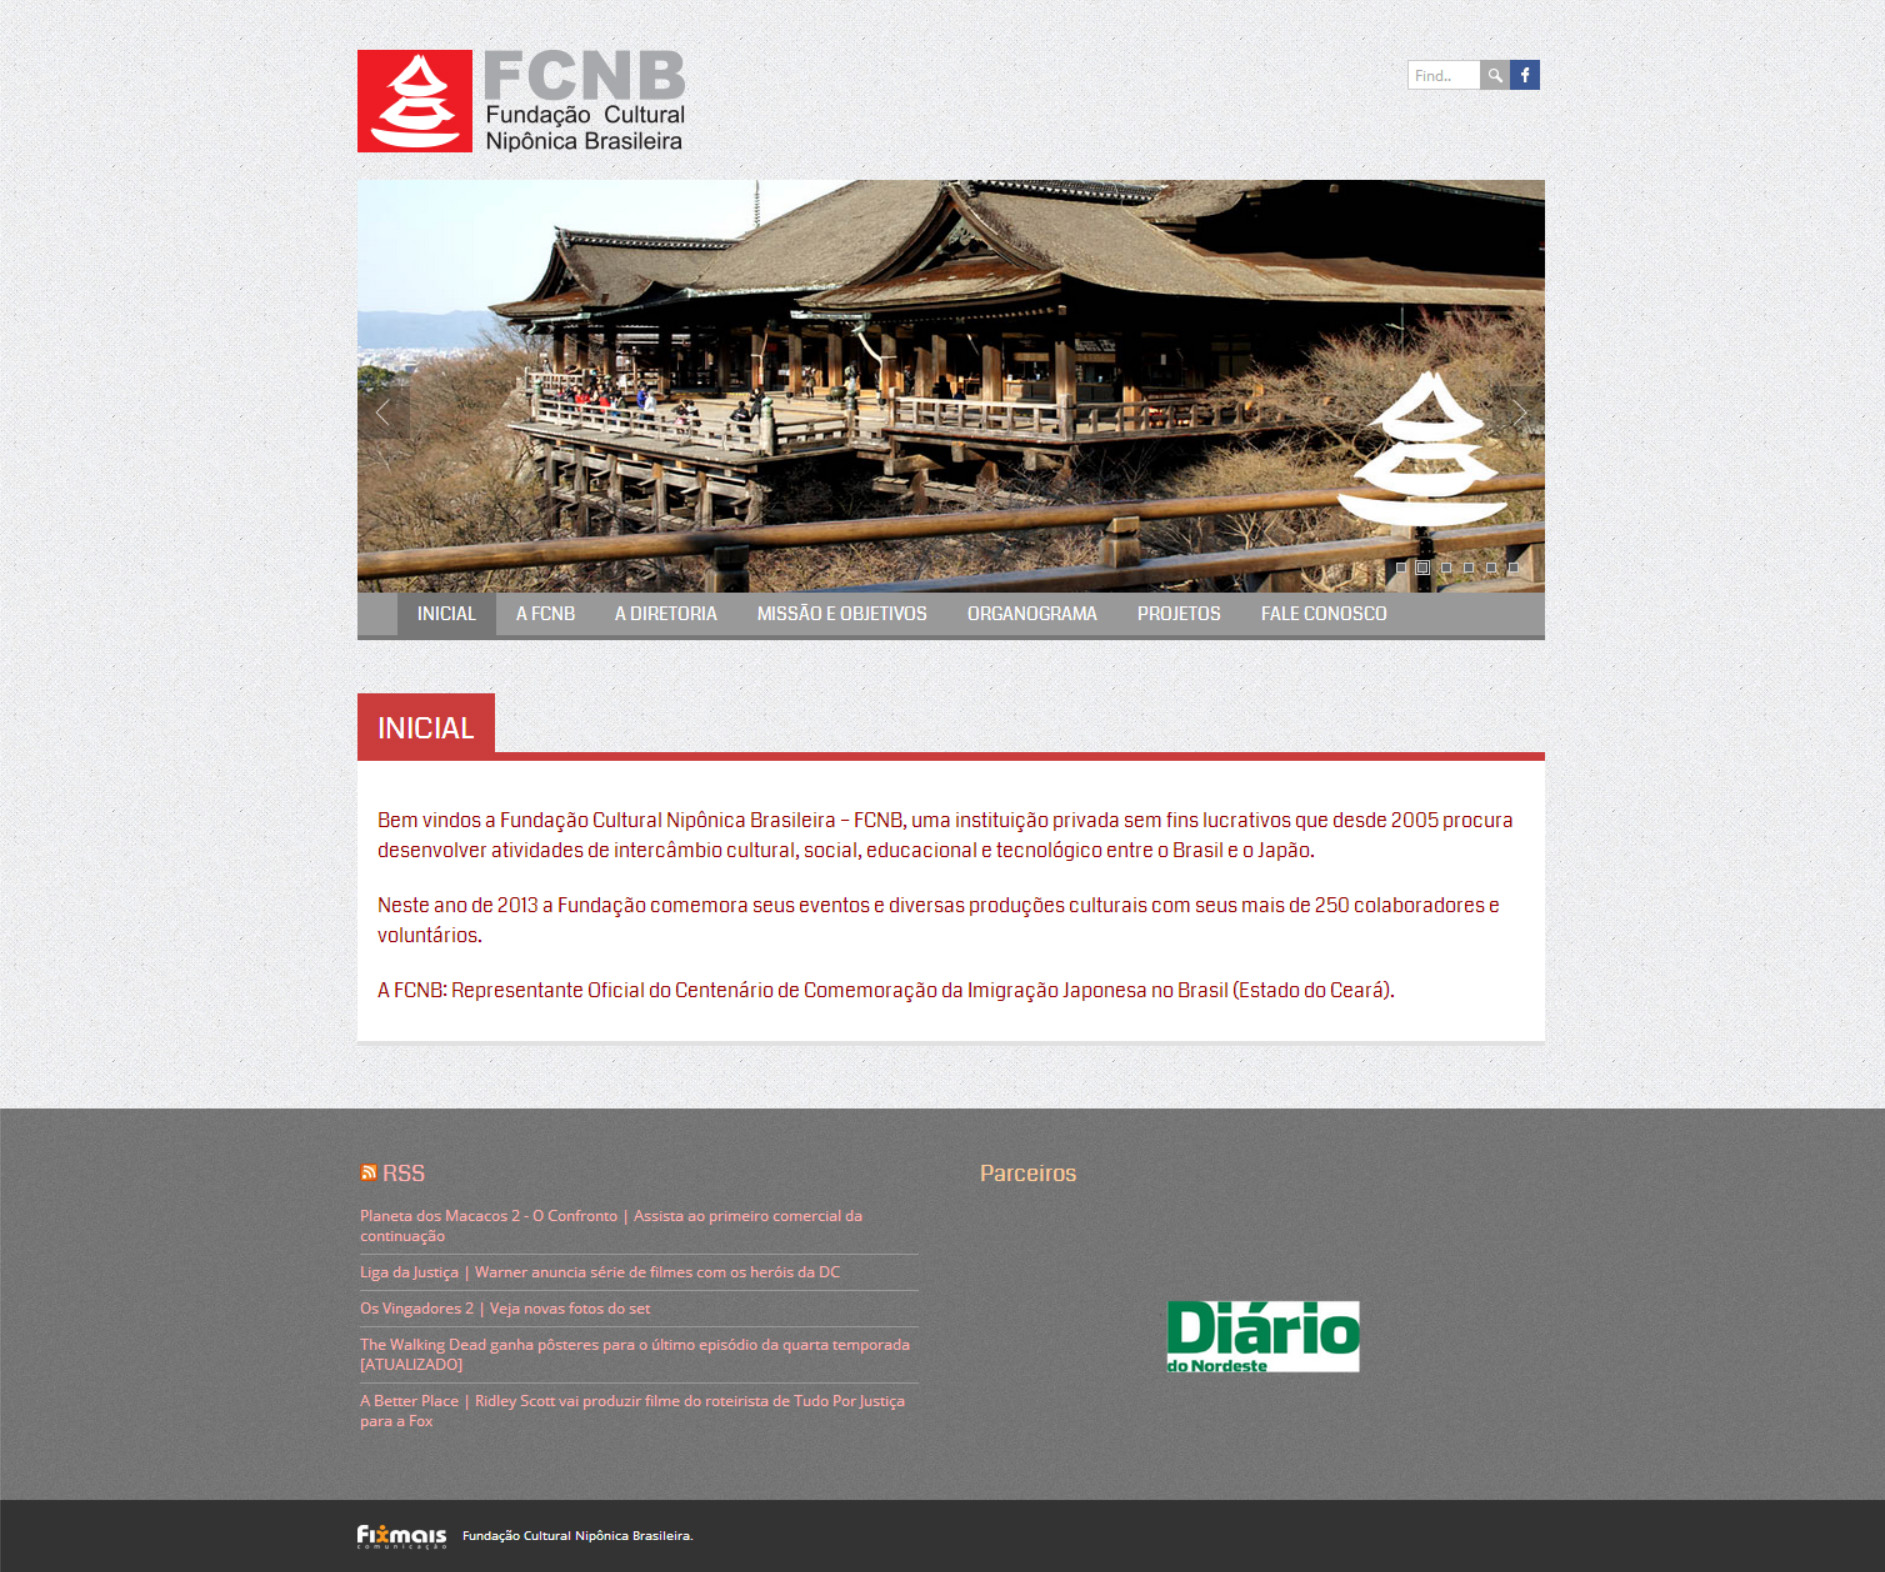 Fundação Cultural Nipônica Brasileira – FCNB